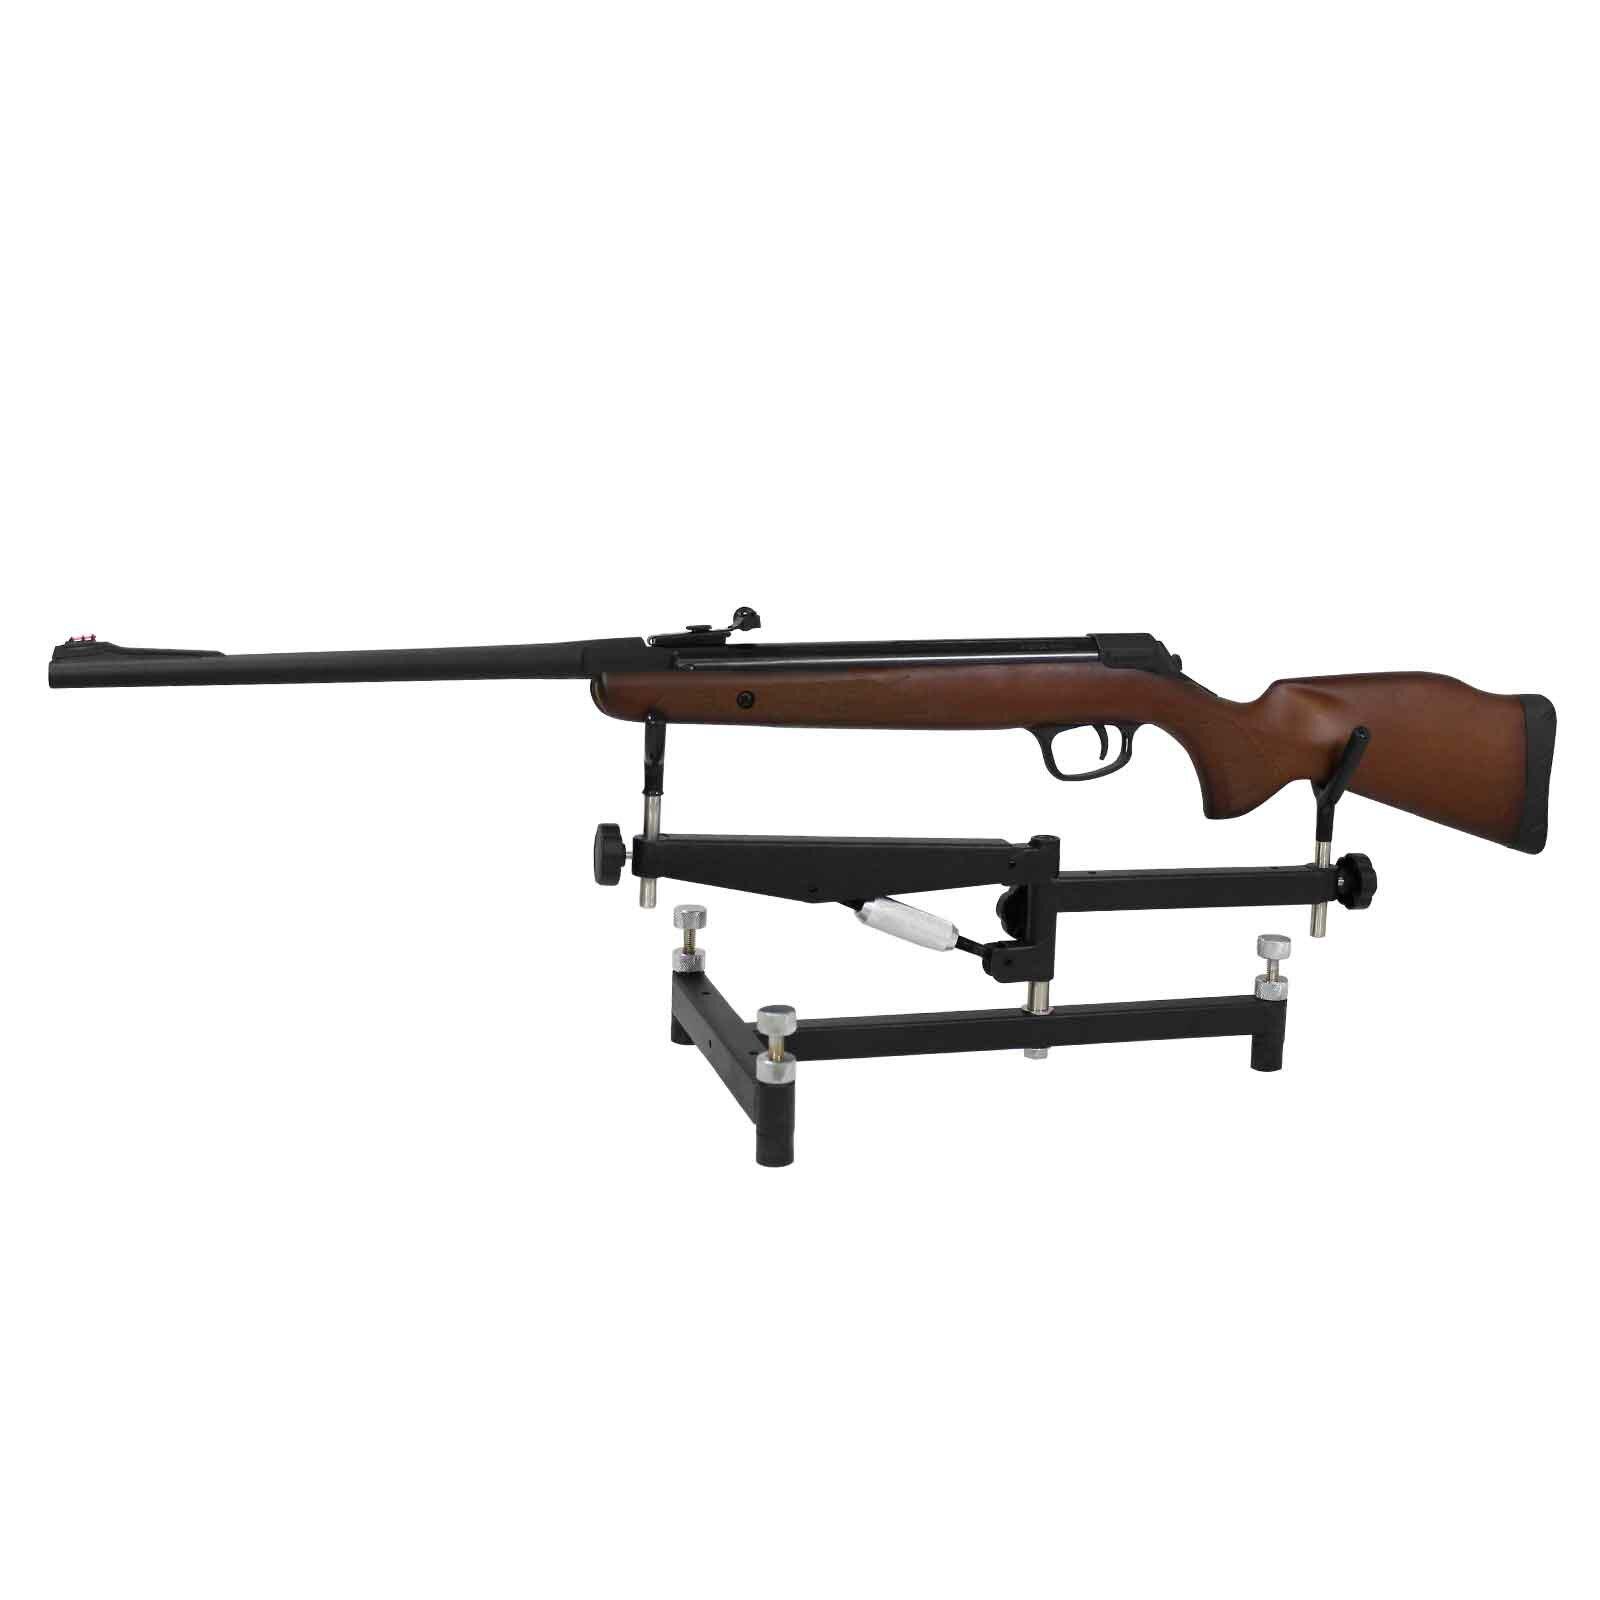 4komma5 Einschiessbock TQ40 für Armbrust und Gewehr